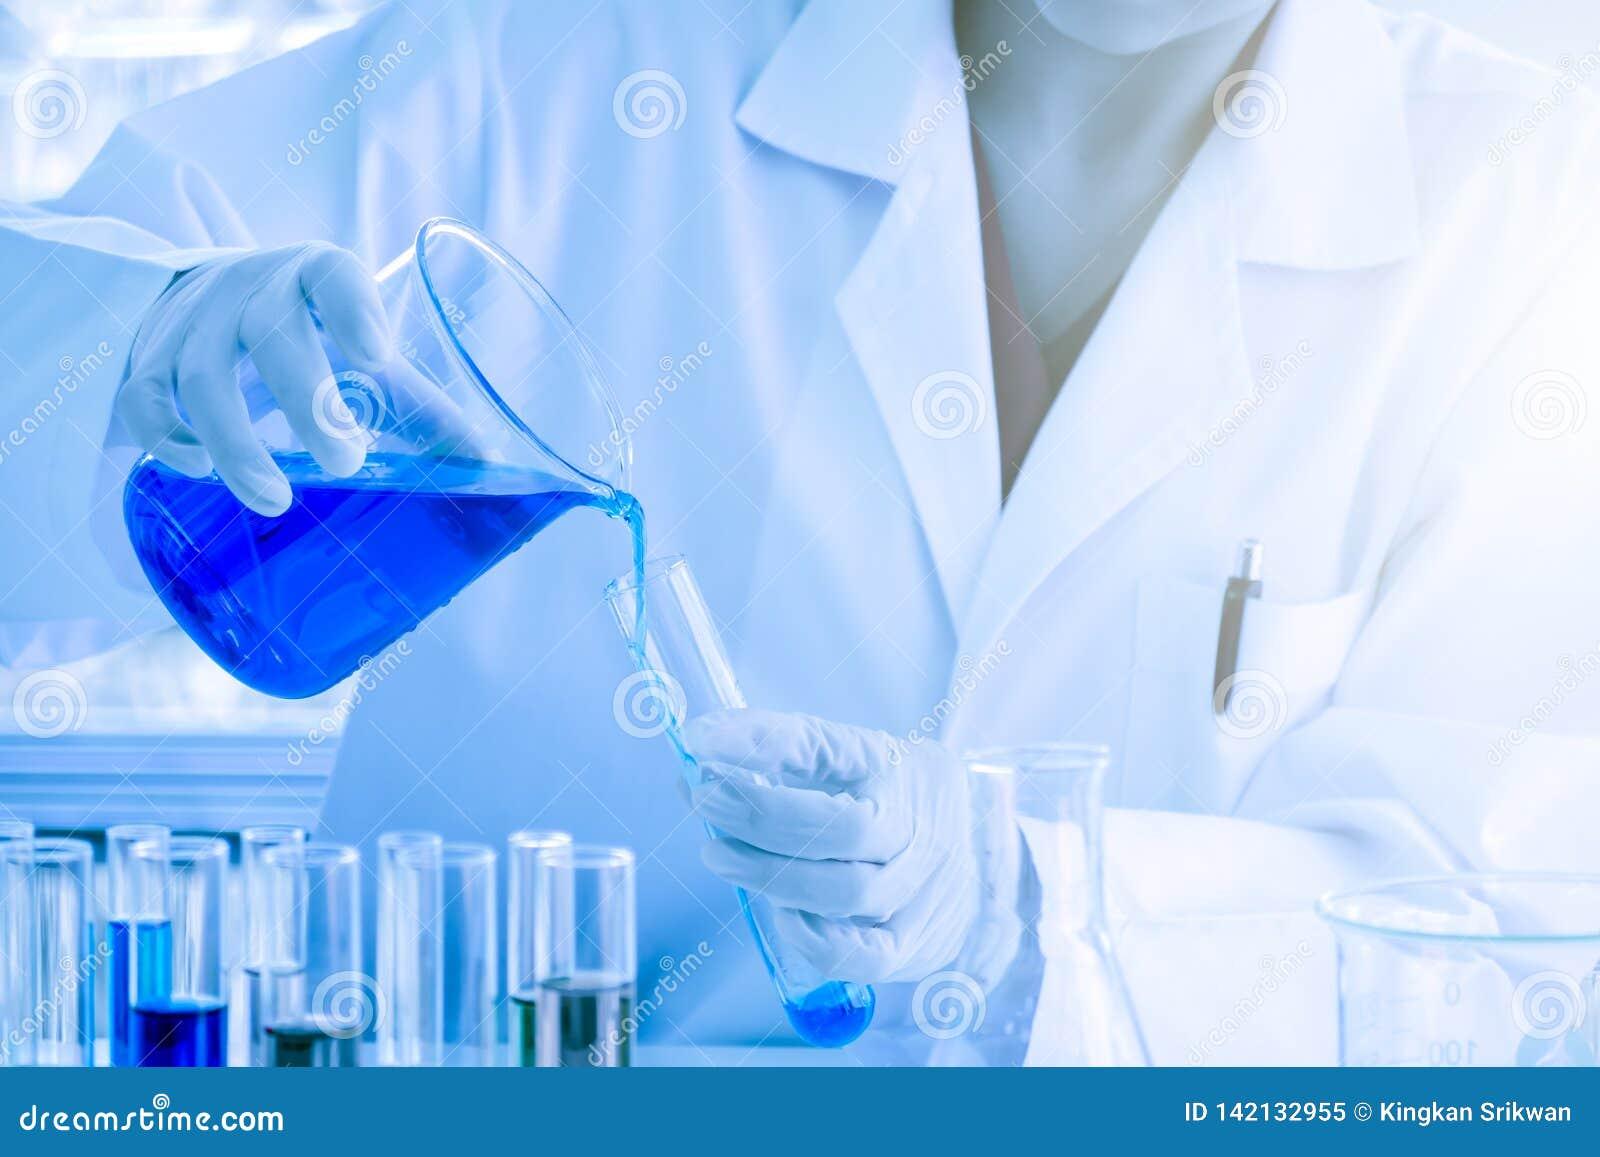 La sustancia líquida azul vertía en el tubo de ensayo